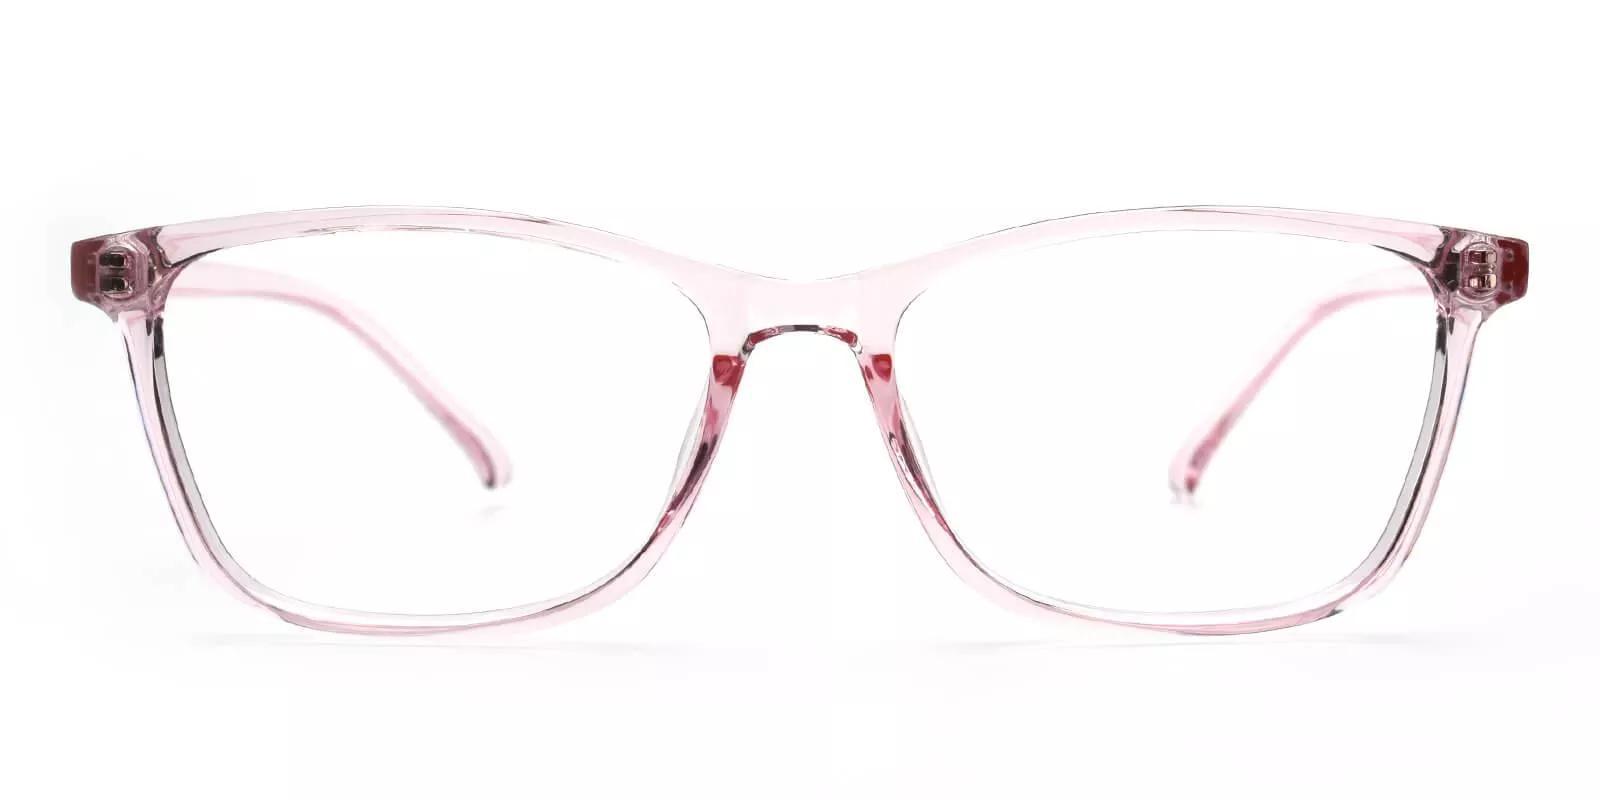 Davenport Light Weight Eyeglasses Pink Clear